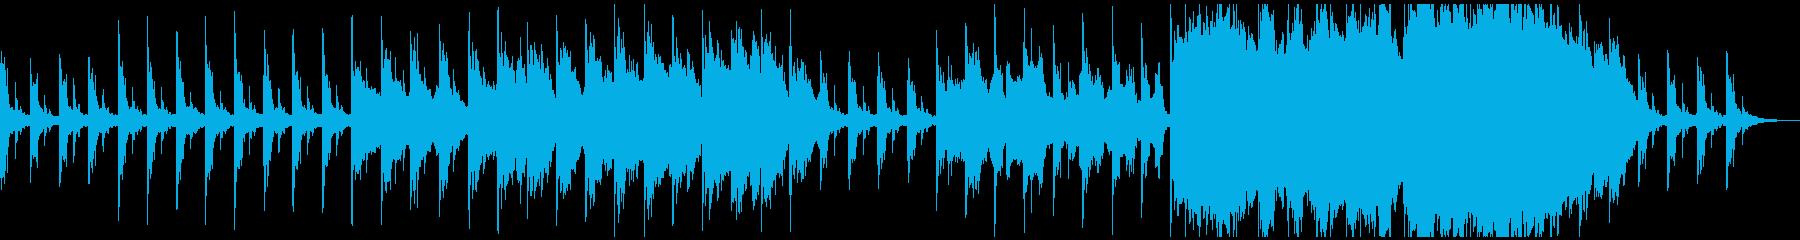 ピアノとストリングスの暗いアンビエントの再生済みの波形